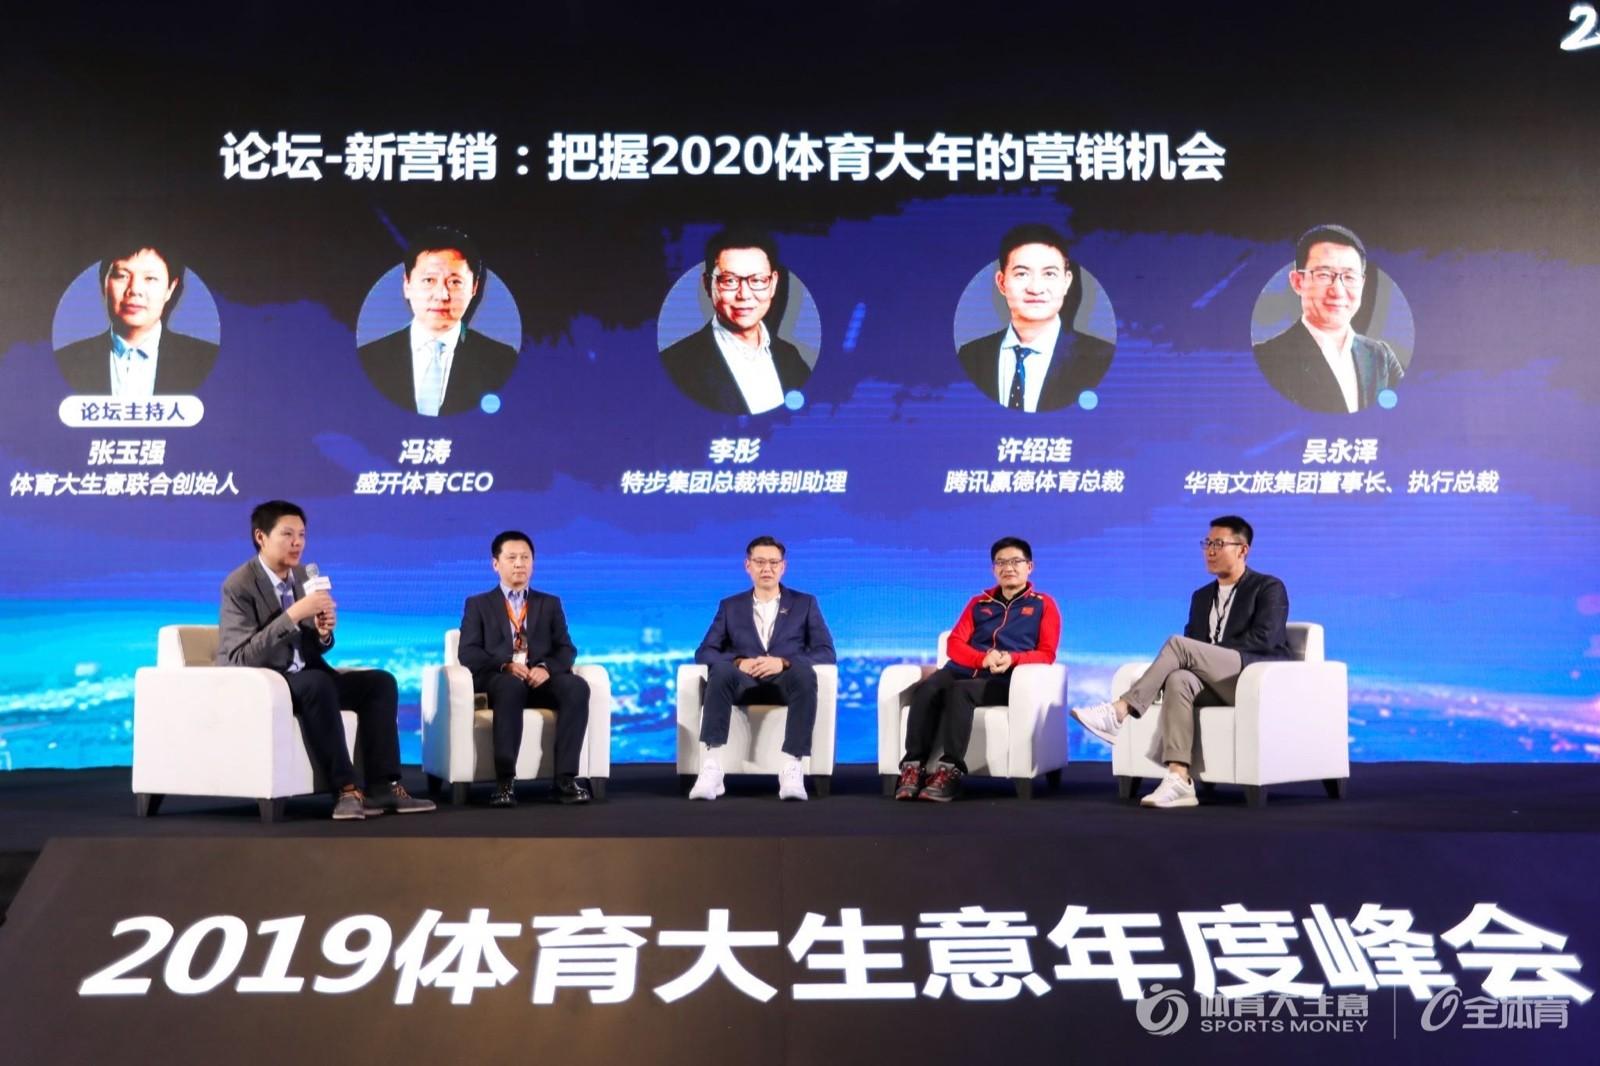 2019体育大生意年度峰会圆桌论坛:《把握2020体育大年的营销机会》